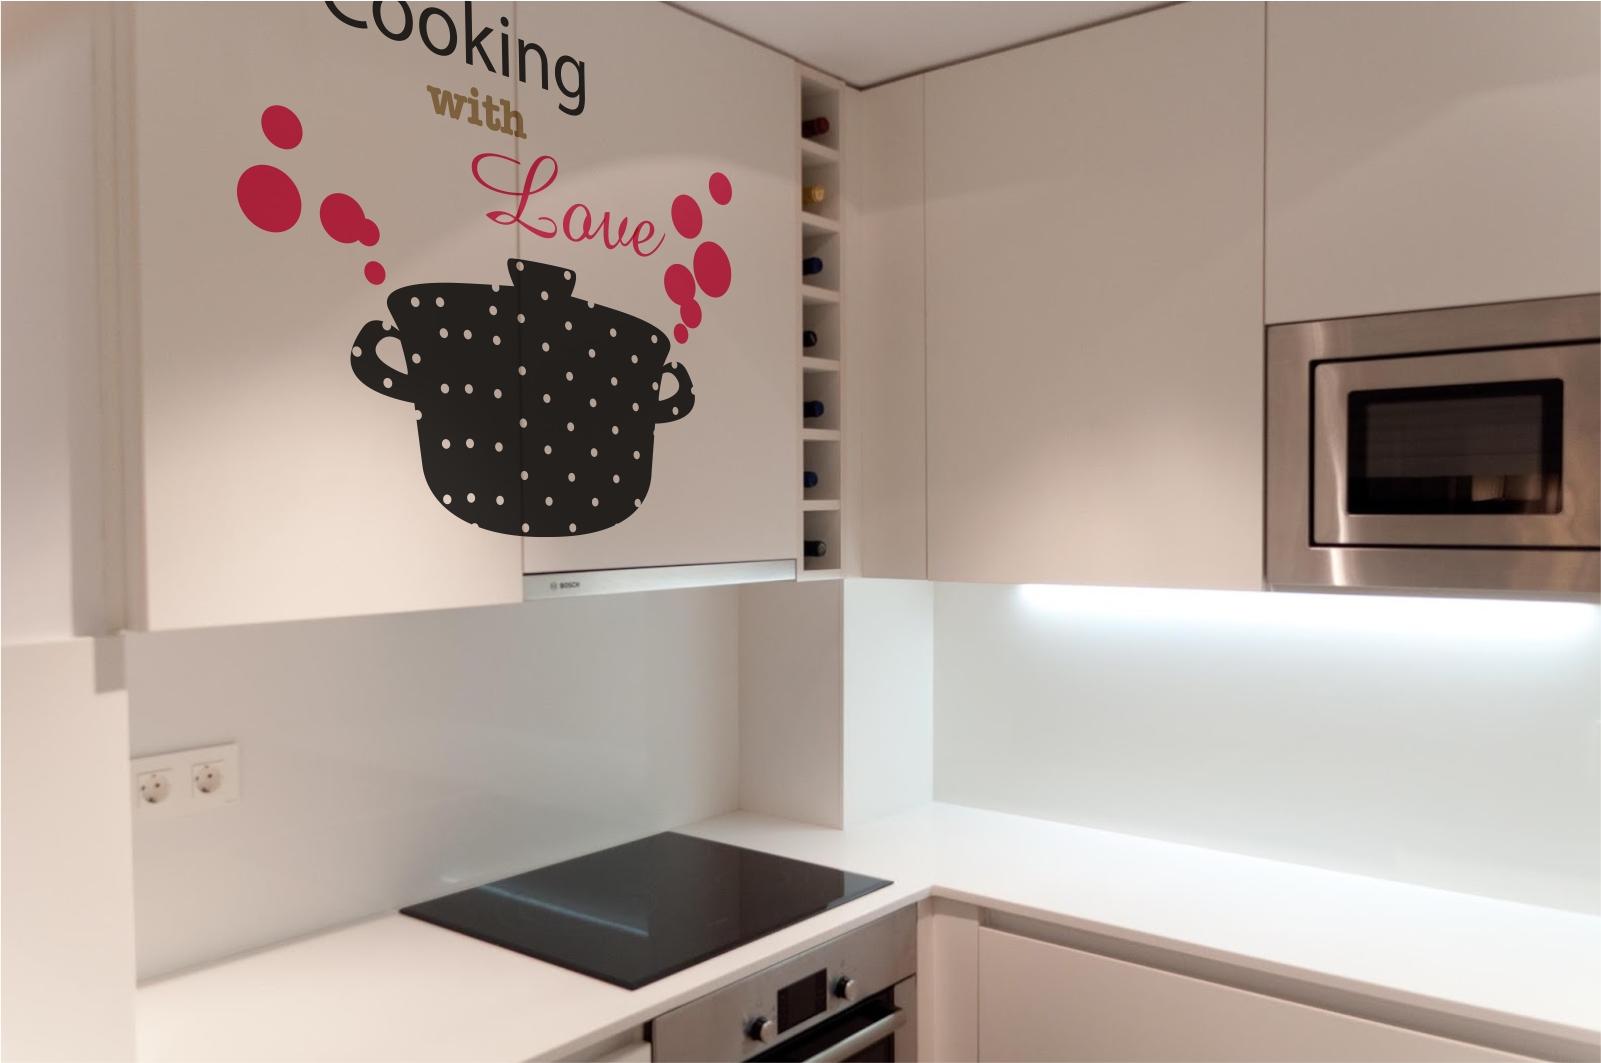 Haz que tus muebles destaquen con un vinilo decorativoblog - Cocinas con vinilo ...